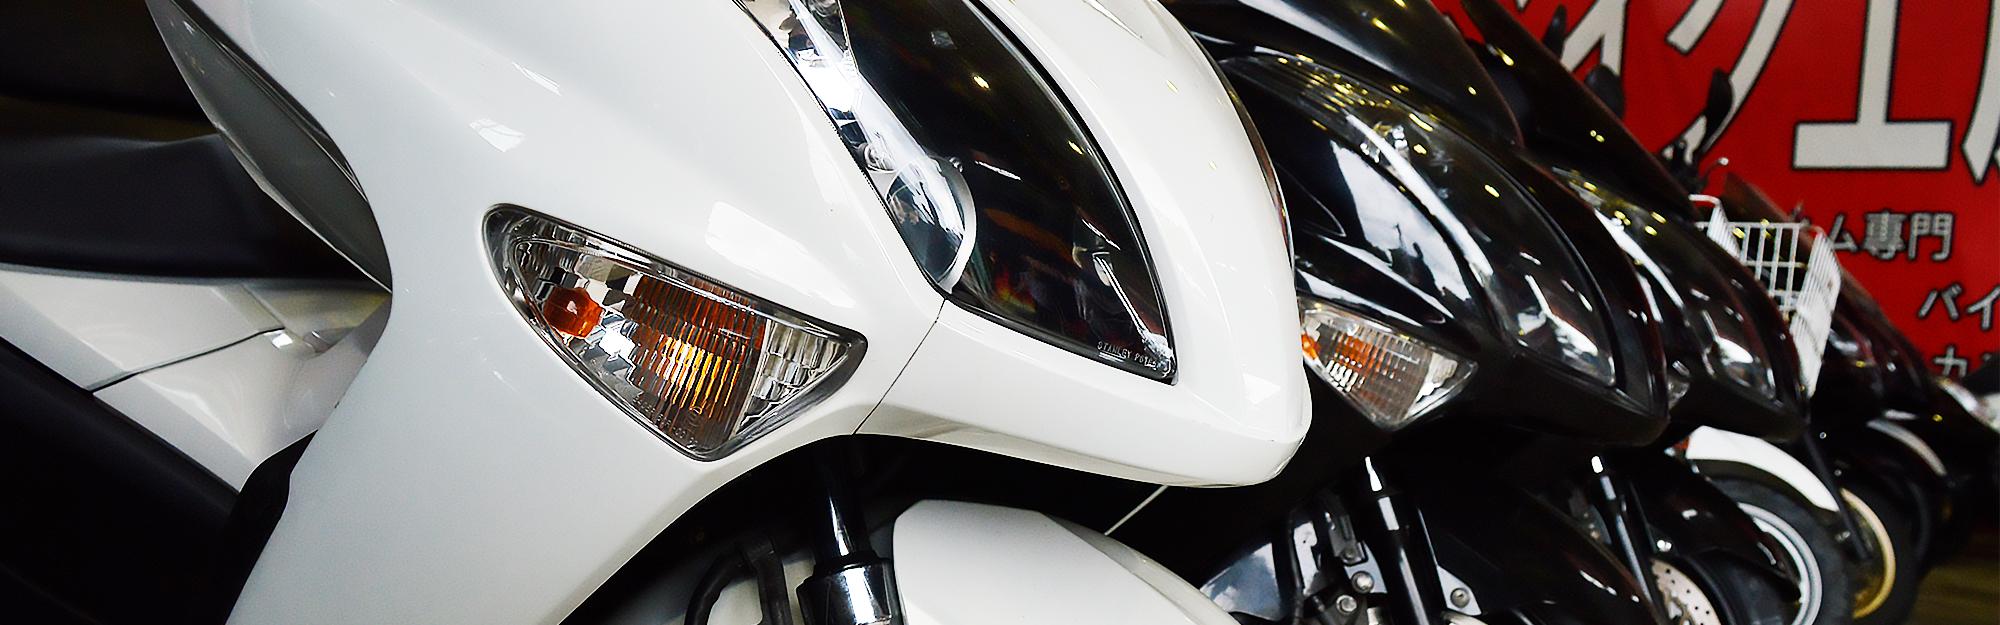 スクーター専門のゼロワンは常時カスタムベース車両を在庫しております。